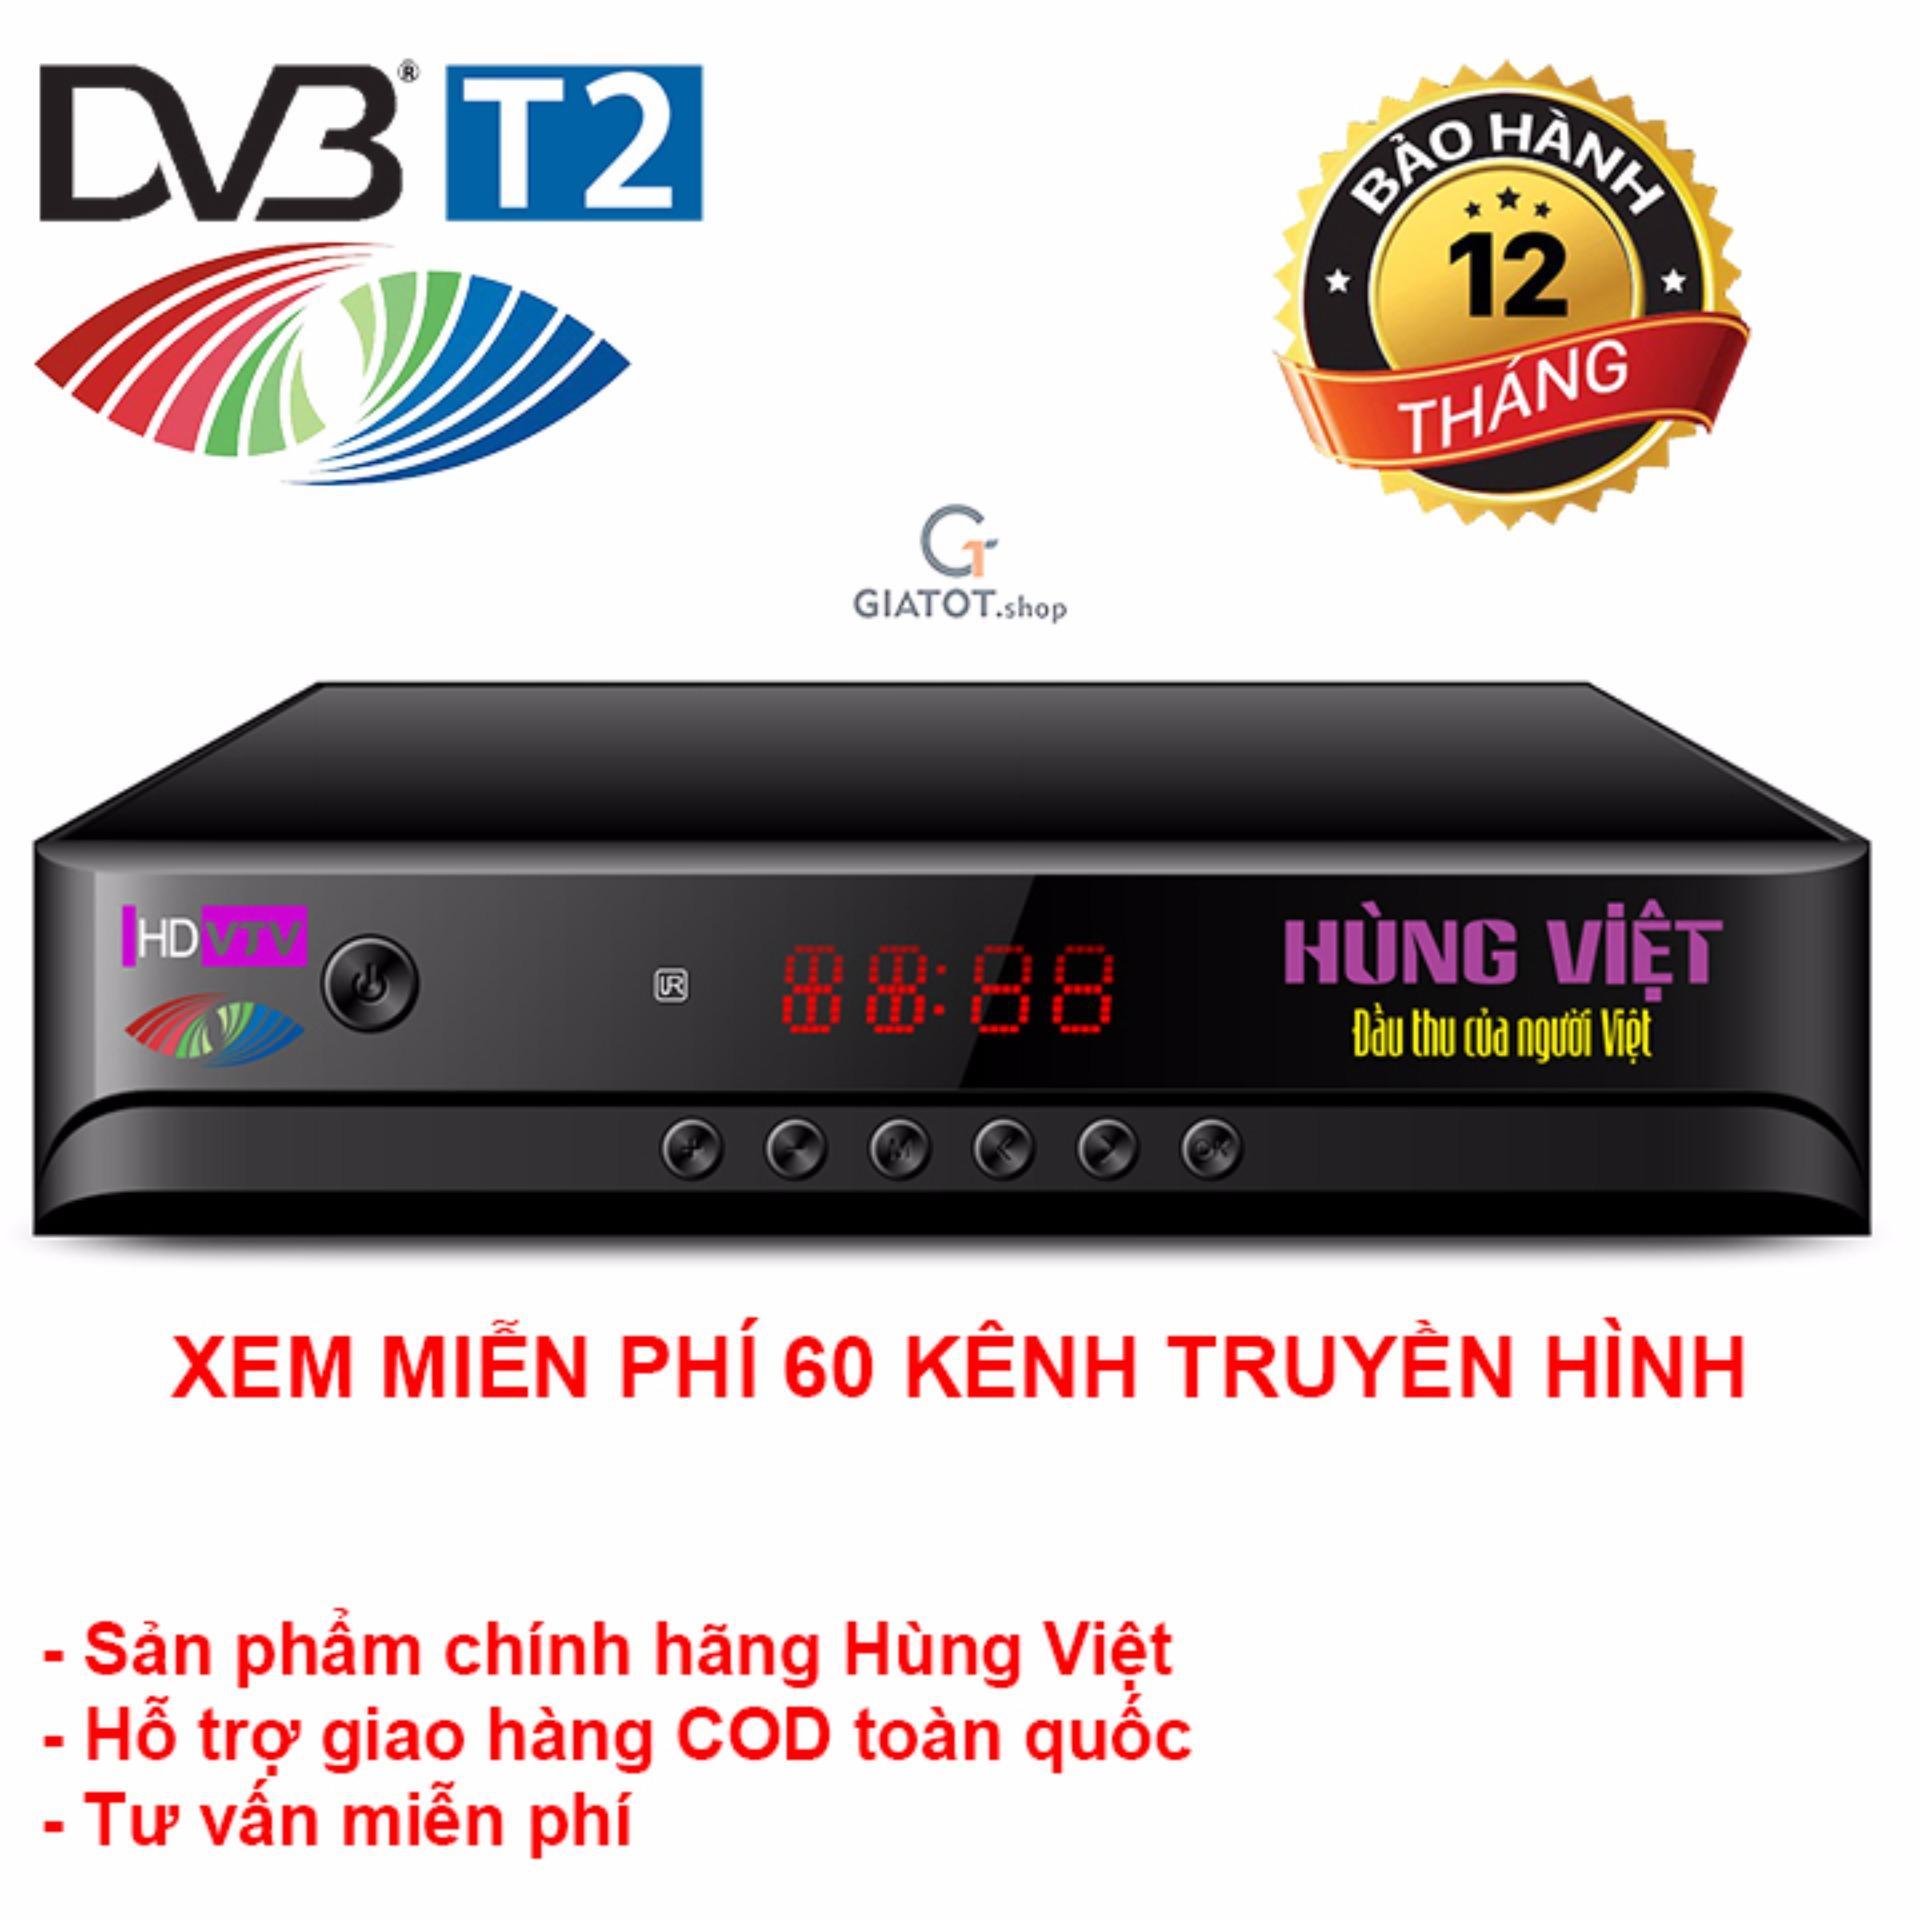 Ôn Tập Đầu Thu Kỹ Thuật Số Dvb T2 Hung Việt Hd 789S